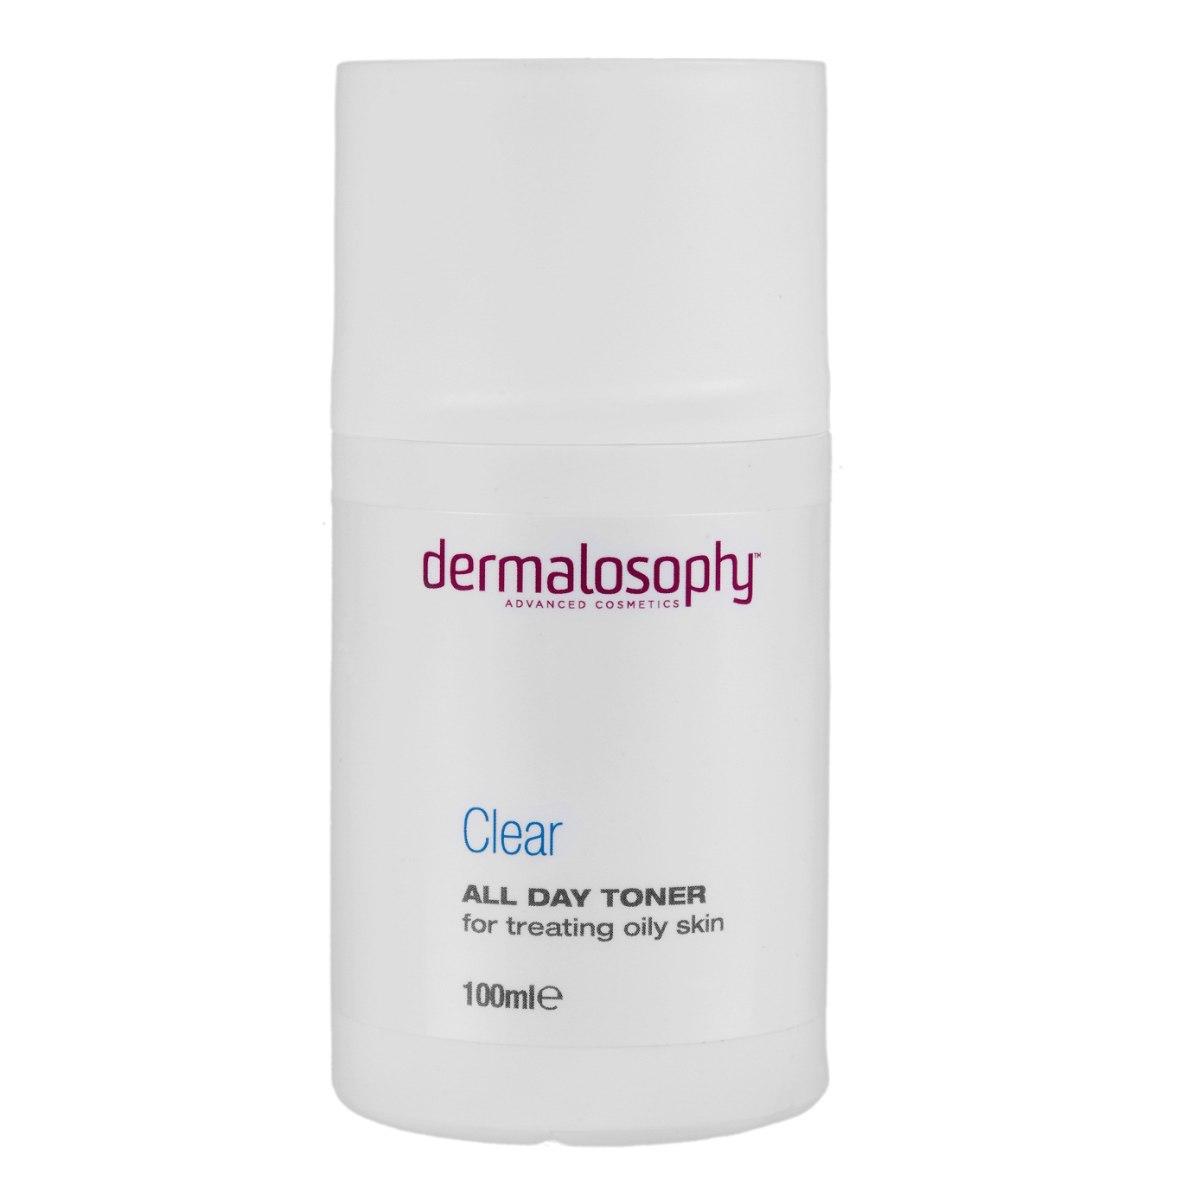 דרמלוספי- טונר לטיפול בעור שומני